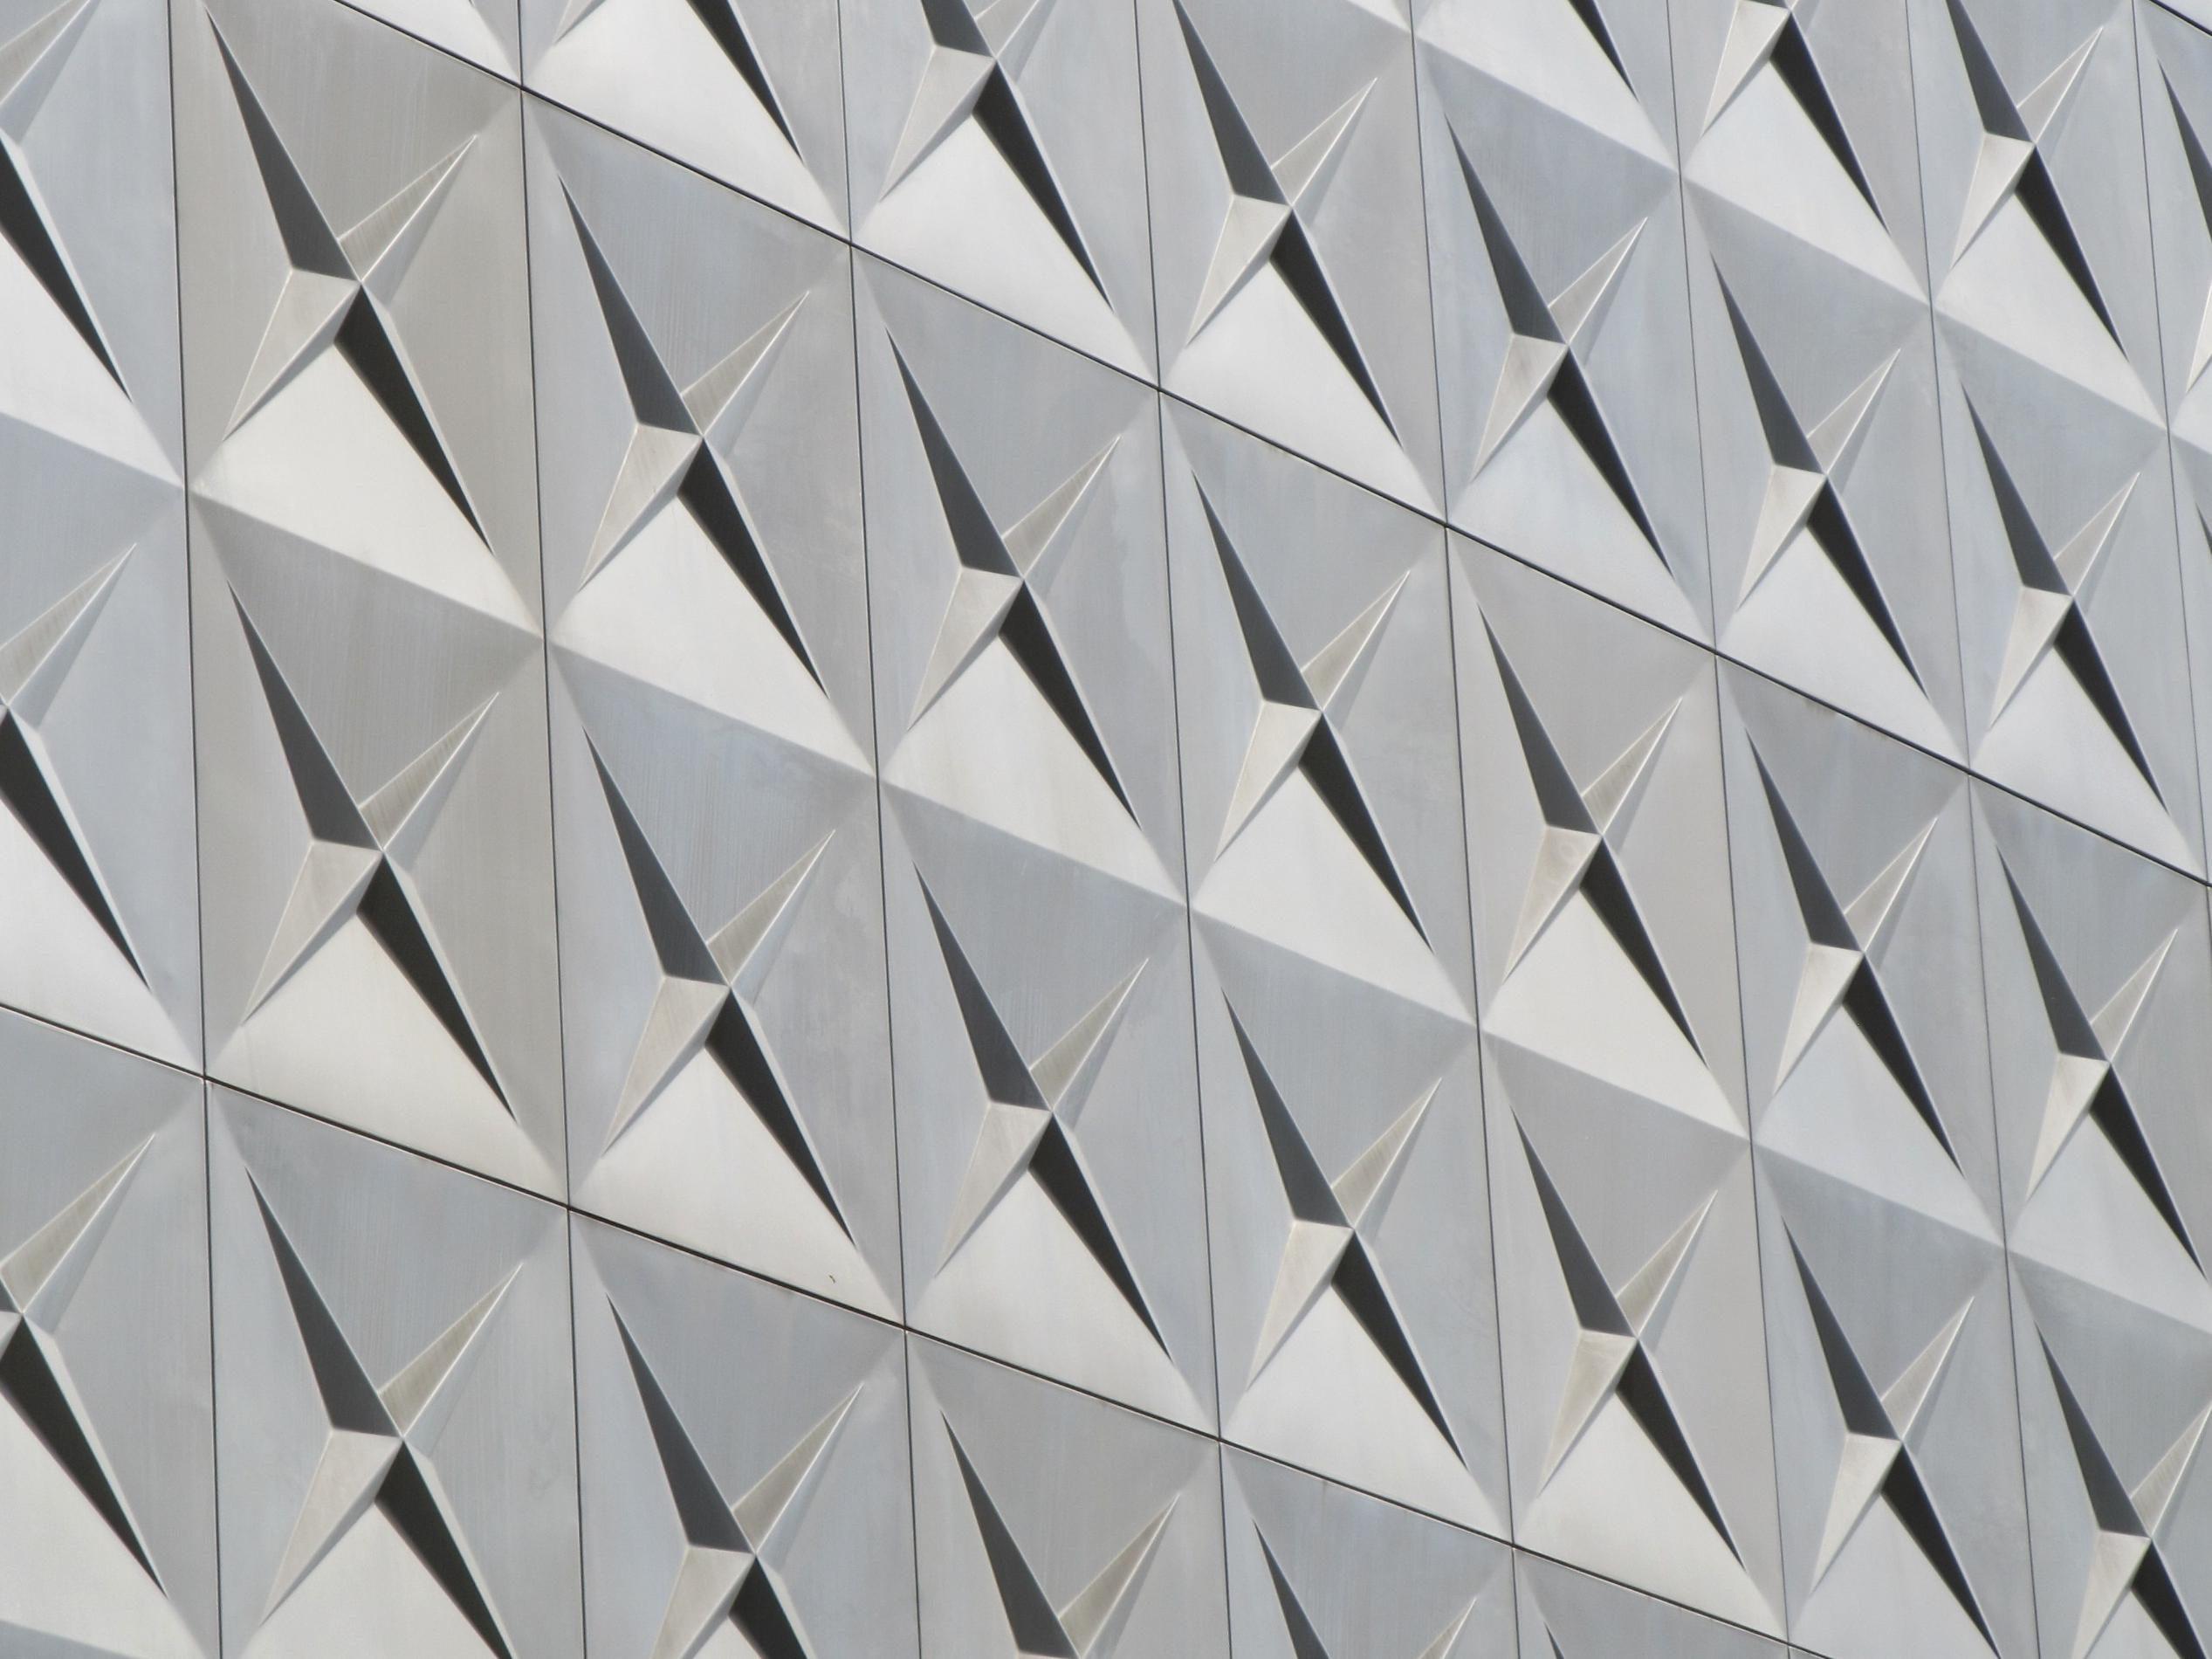 Behang Met Patroon : Gratis afbeelding: geometrische driehoek staal patroon behang